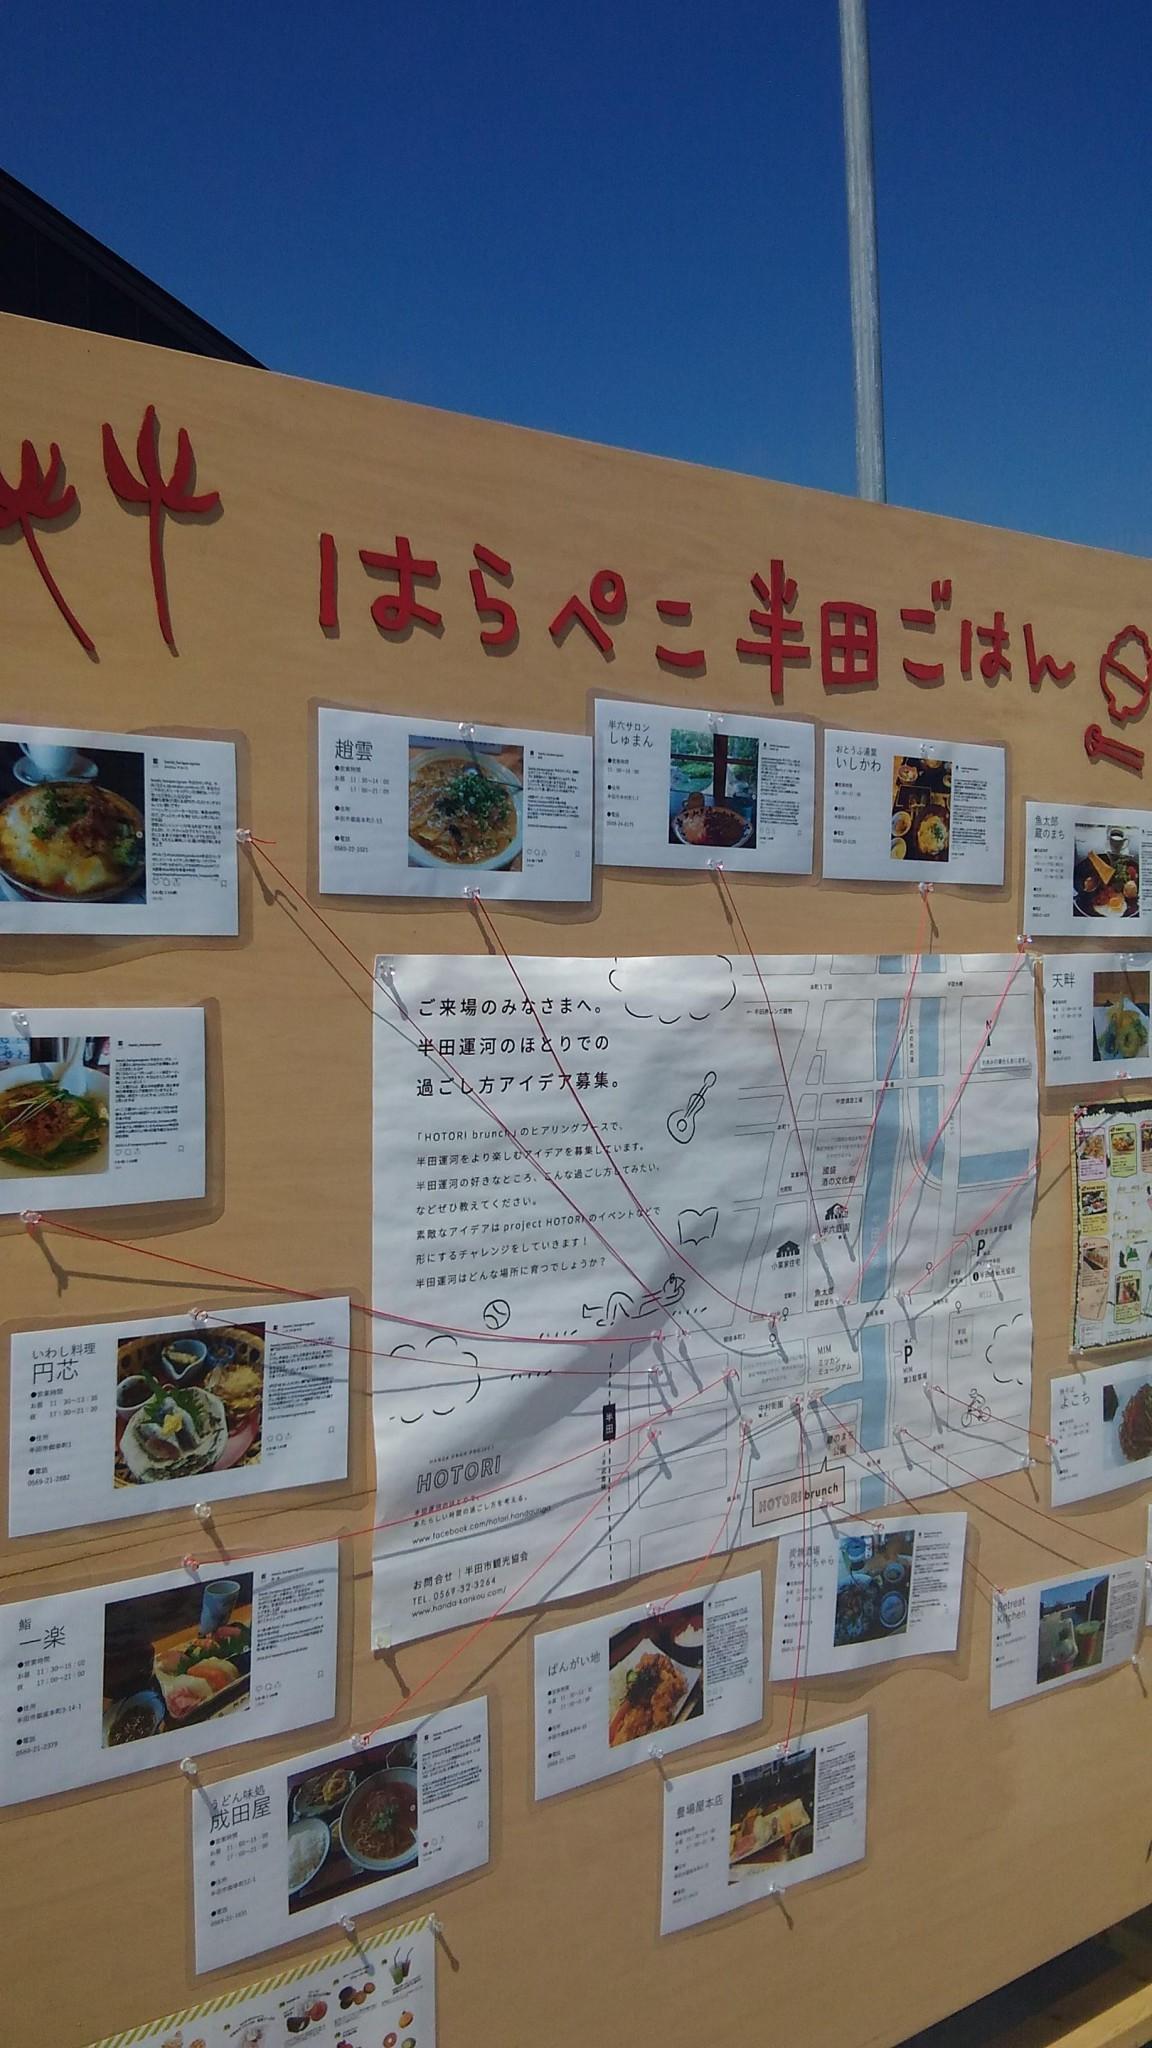 半田市 イベント, Event at Handa Canal